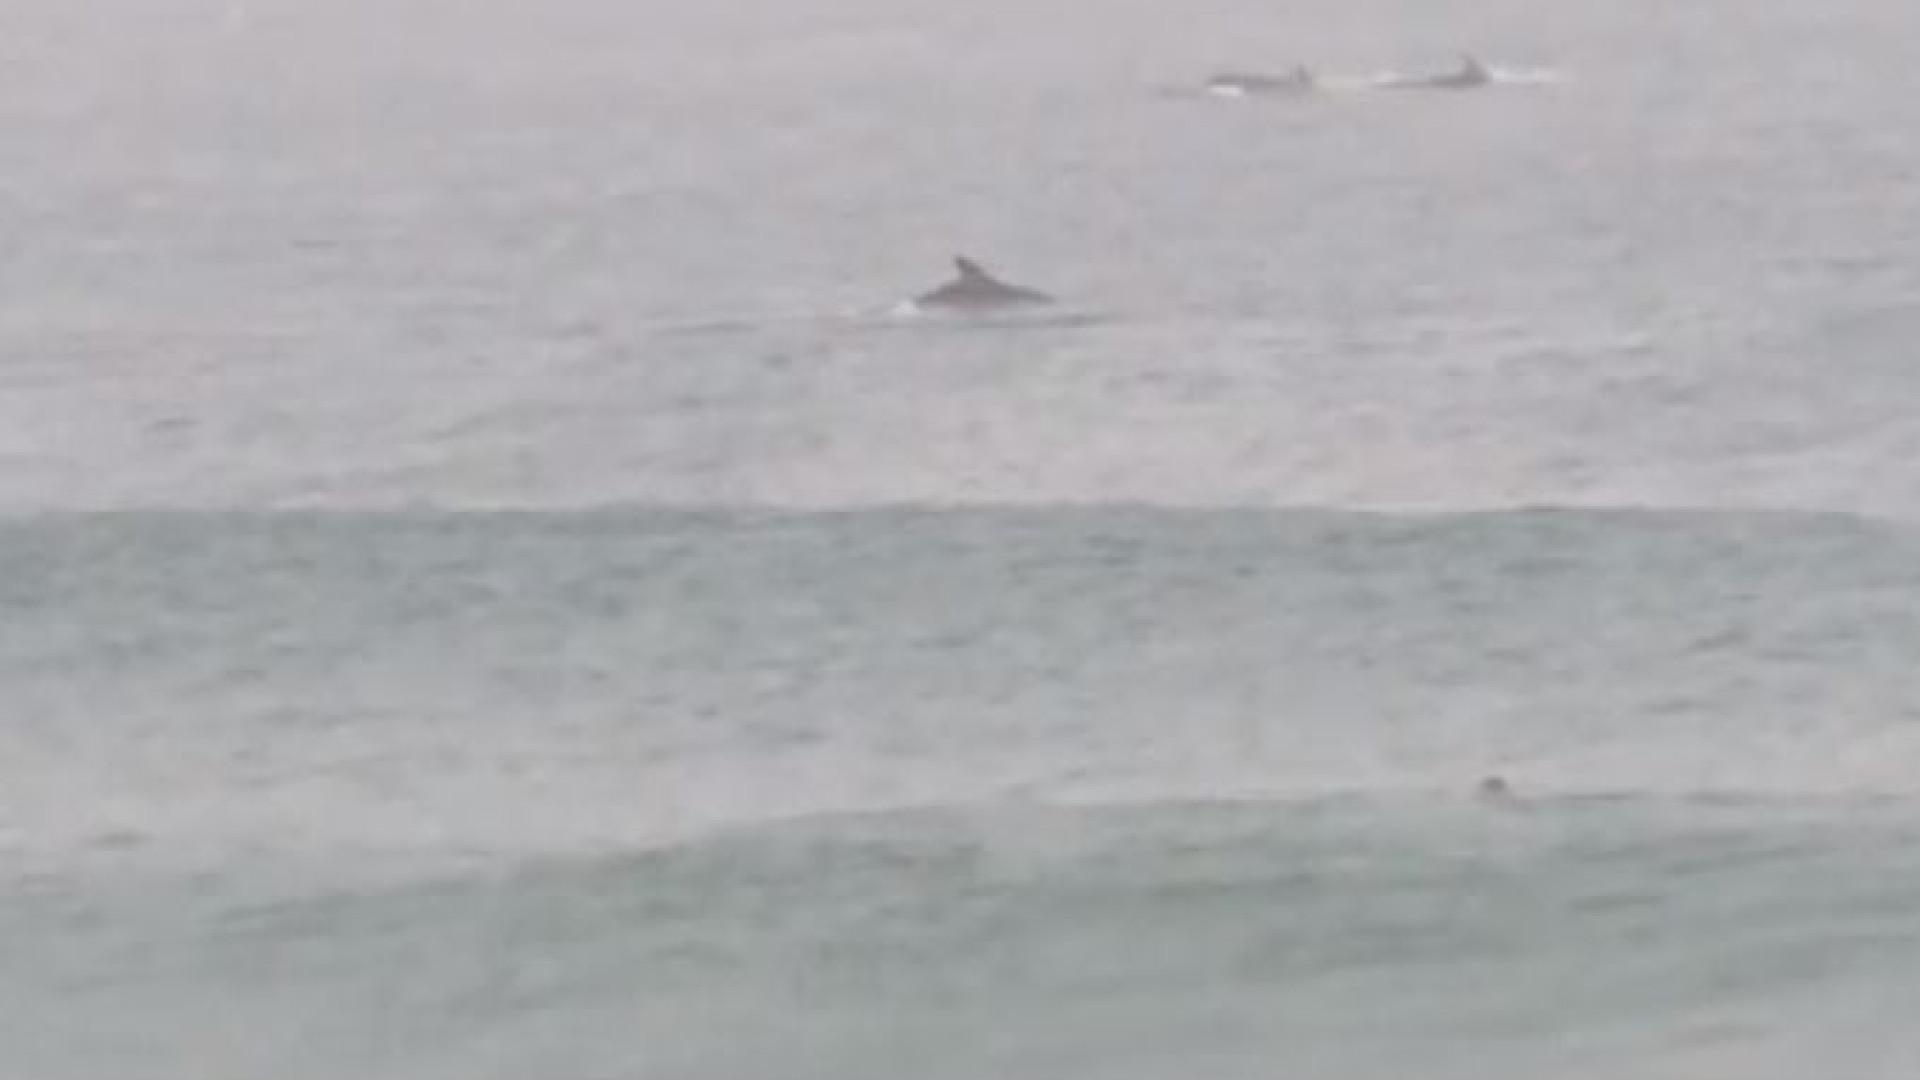 Jovem surfa acompanhado por golfinhos em praia de Cascais